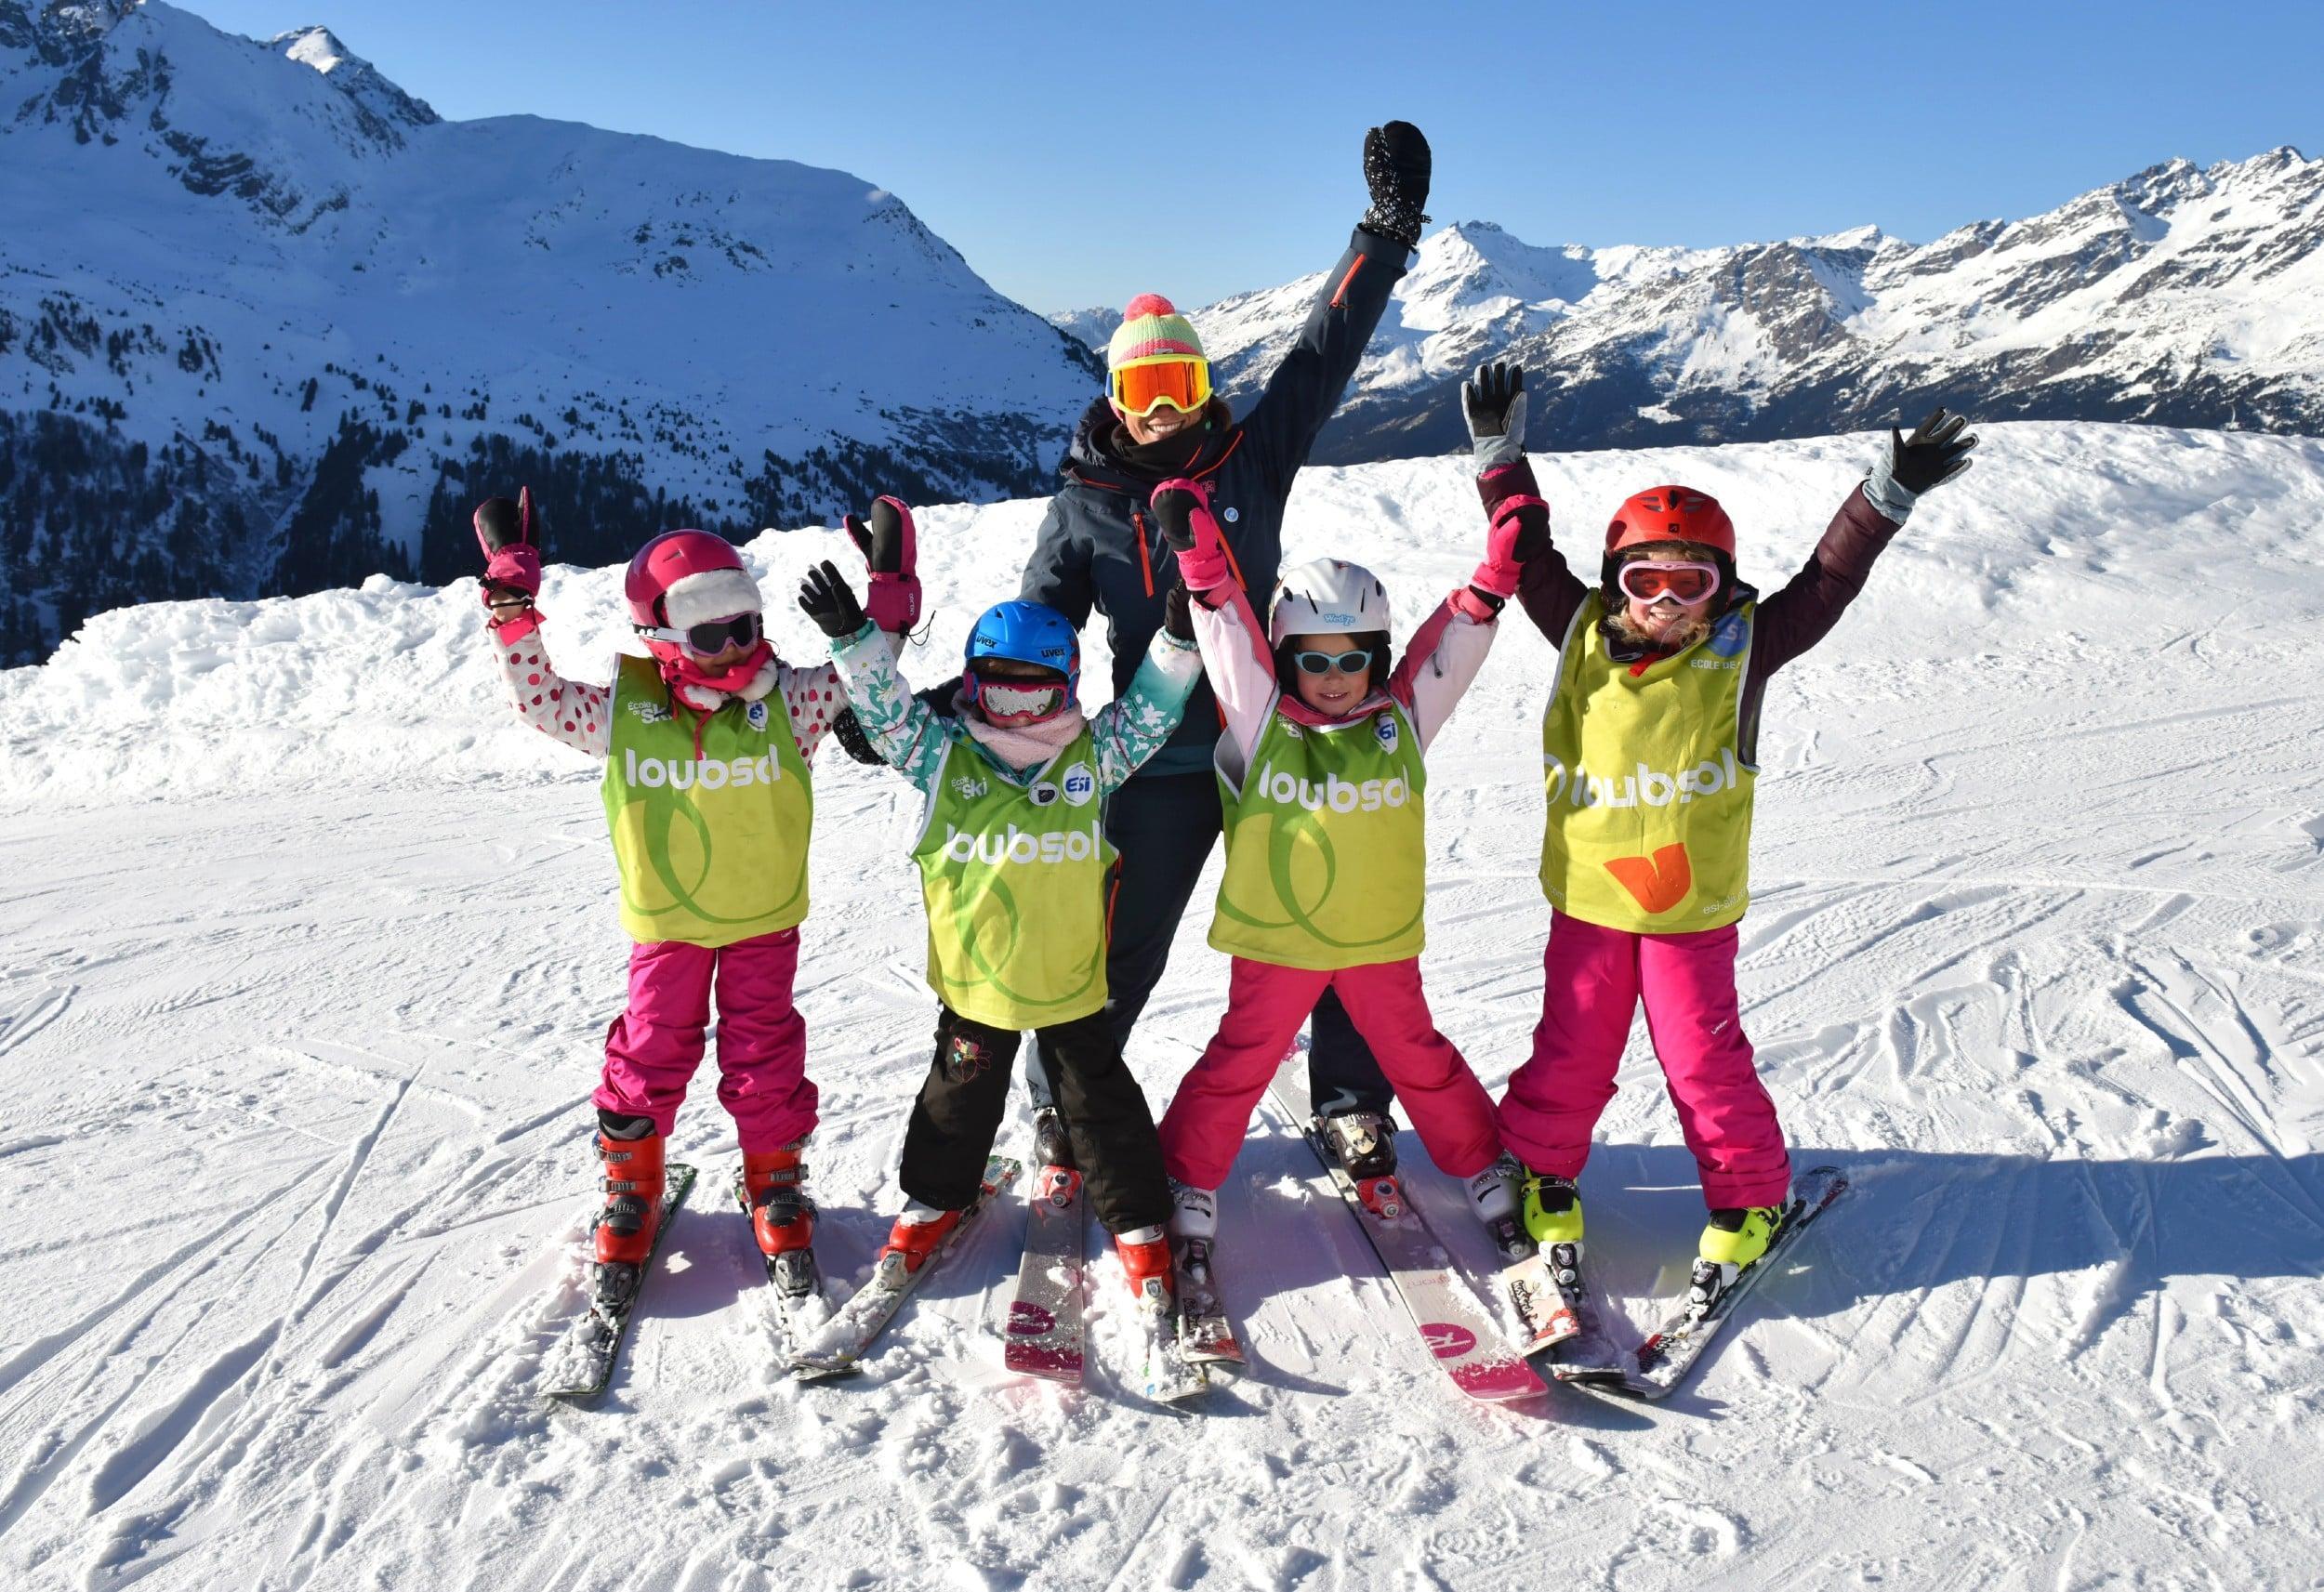 Cours de ski Enfants (5-12 ans) pour Tous niveaux - Vacances